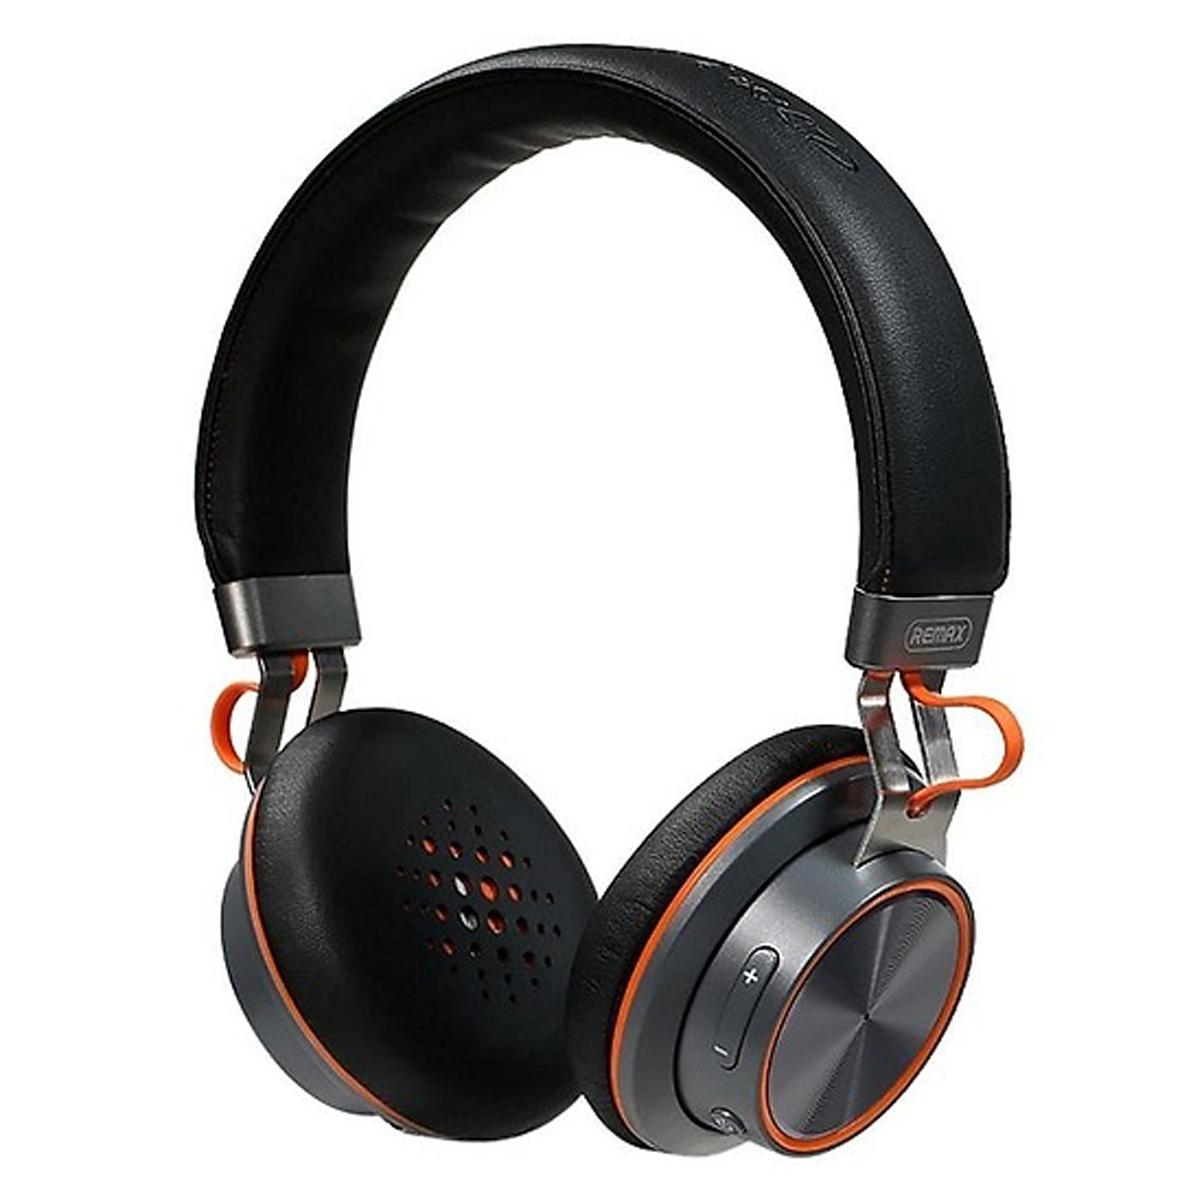 Tai Nghe Bluetooth Remax RB-195HB -Tặng Gía Đỡ Điện thoại – Hàng Chính Hãng - 15672957 , 8539941930579 , 62_25643910 , 1699000 , Tai-Nghe-Bluetooth-Remax-RB-195HB-Tang-Gia-Do-Dien-thoai-Hang-Chinh-Hang-62_25643910 , tiki.vn , Tai Nghe Bluetooth Remax RB-195HB -Tặng Gía Đỡ Điện thoại – Hàng Chính Hãng